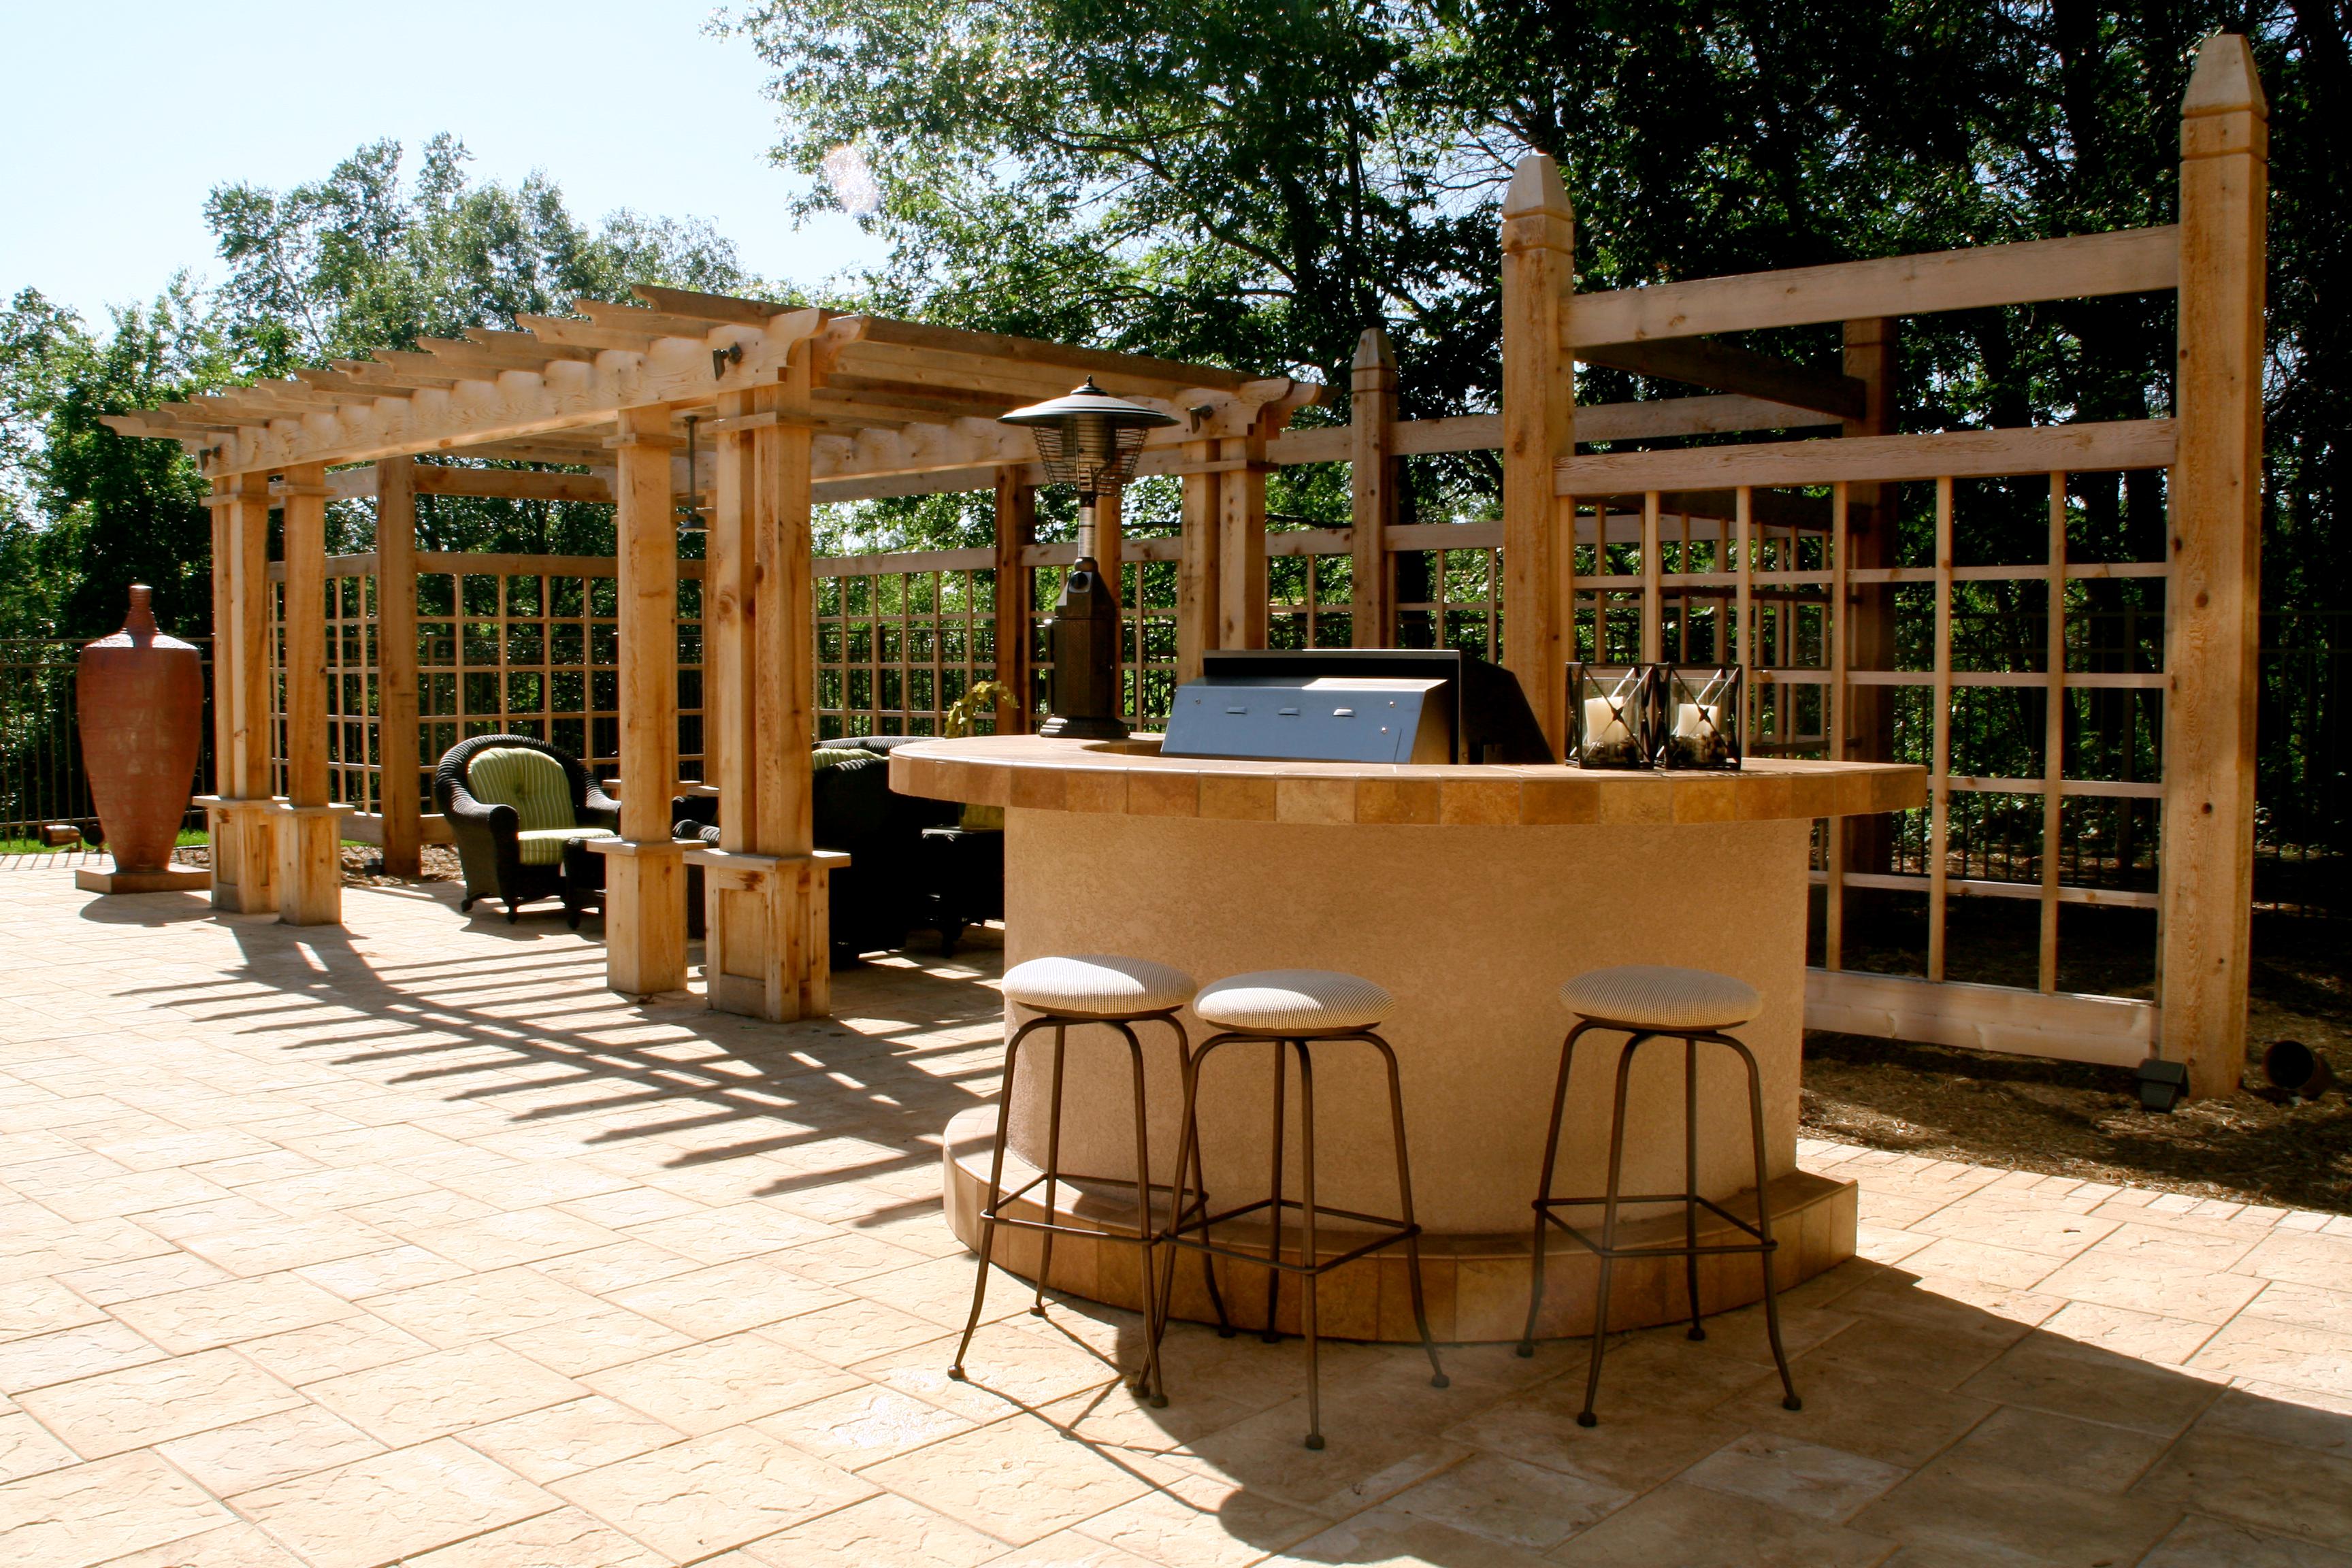 Berning - Grill Bar & Pergola